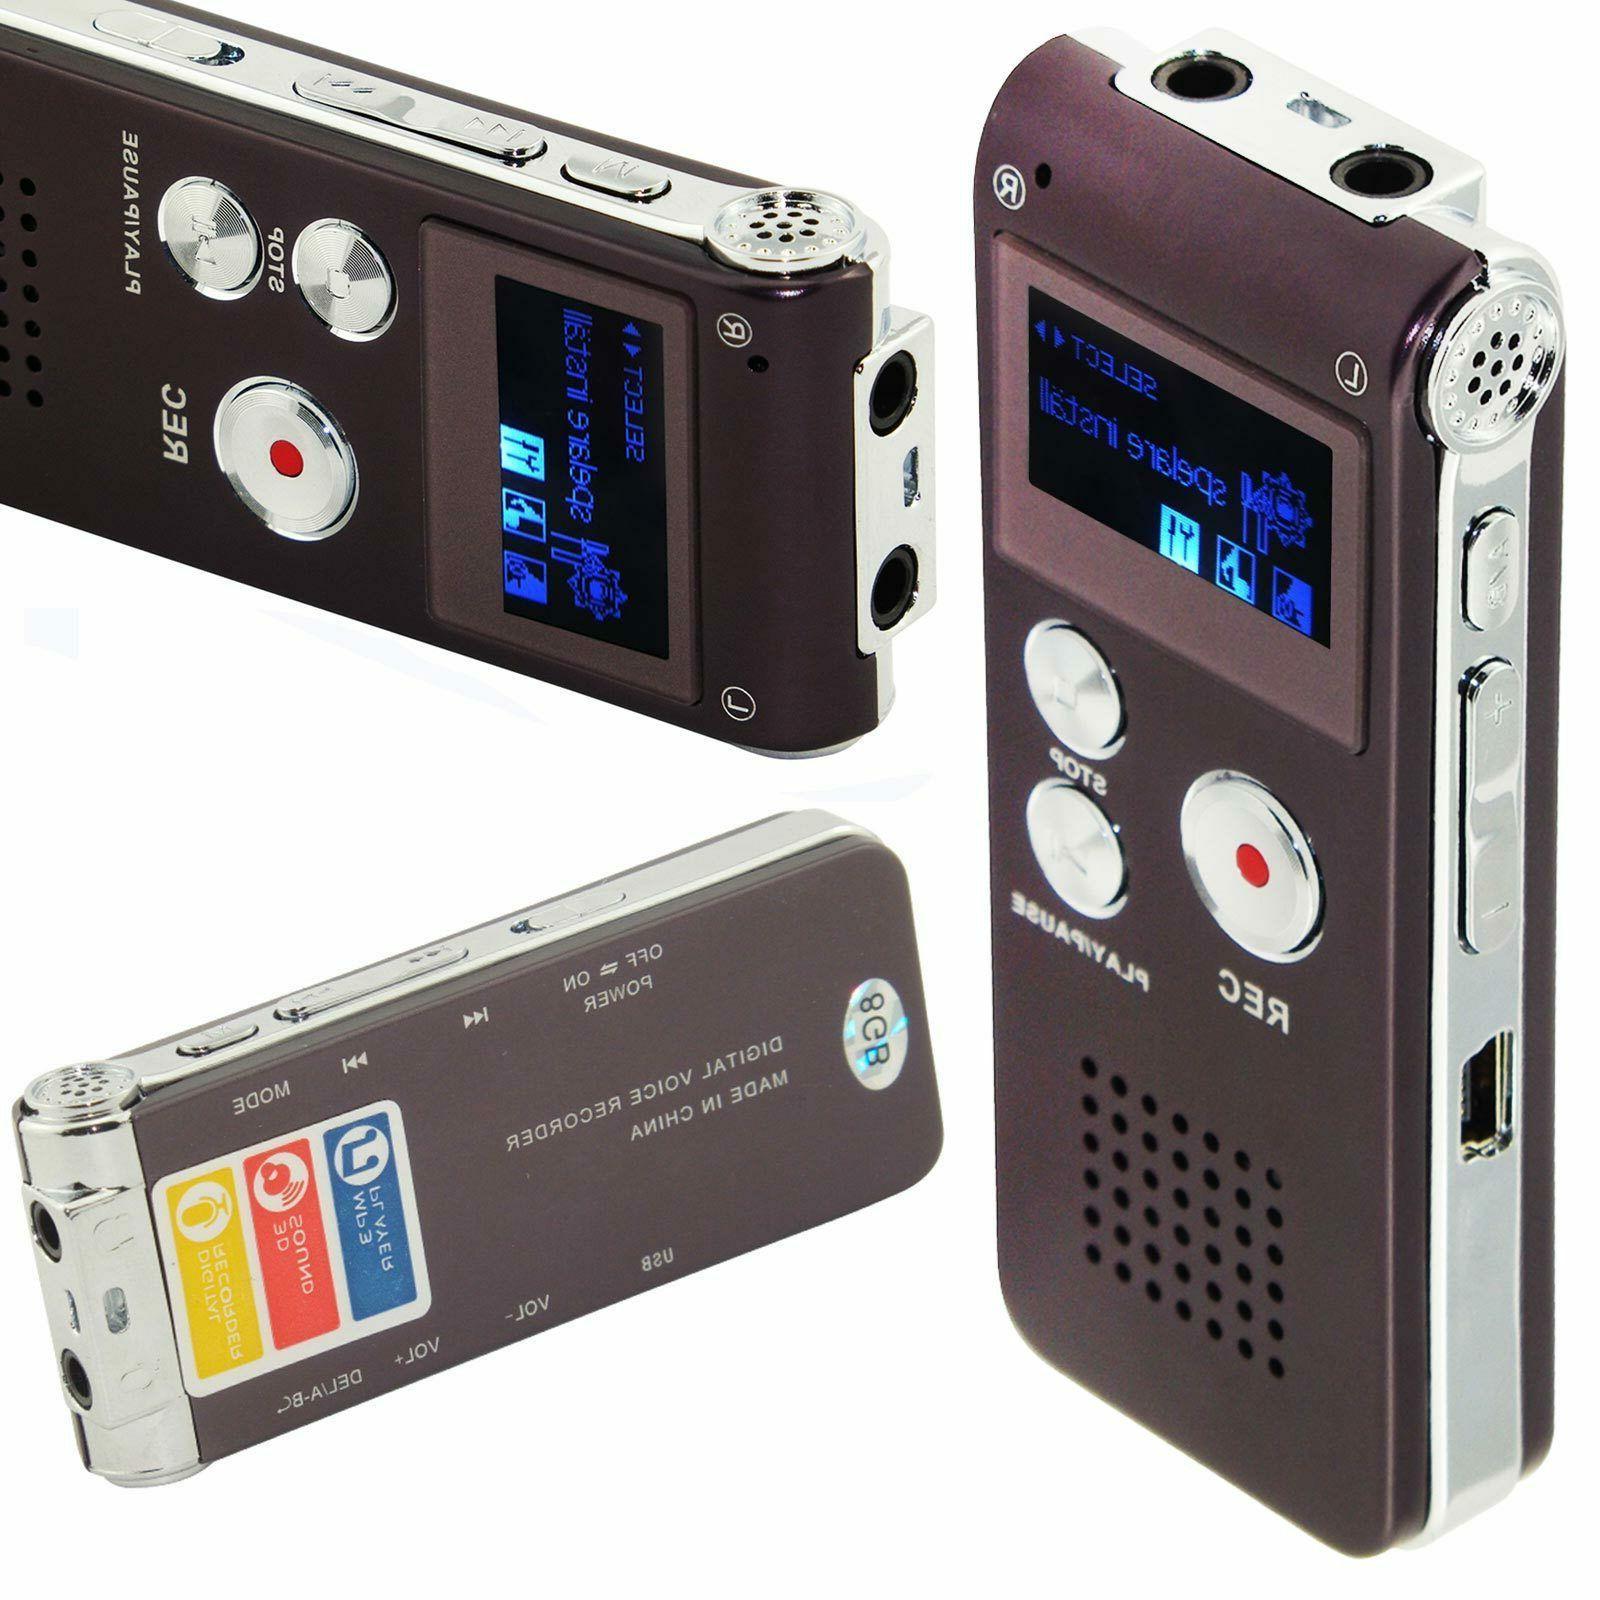 8GB Dictaphone